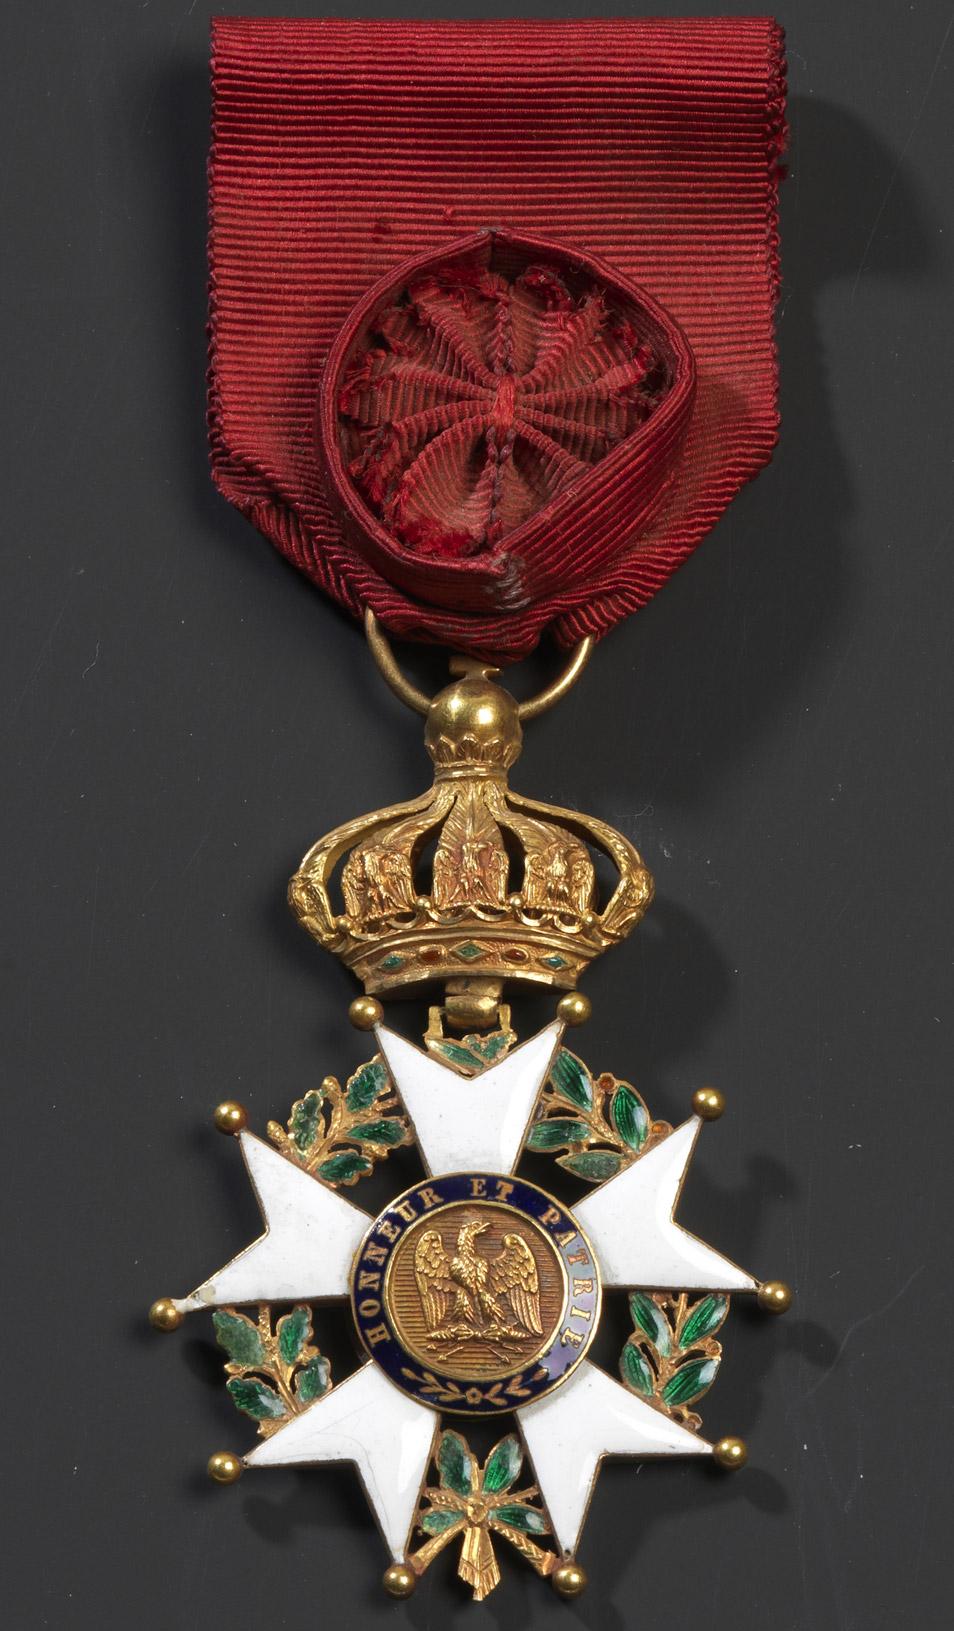 Étoile d'Officier de la Légion d'Honneur - Patrimoine Charles-André COLONNA WALEWSKI, en ligne directe de Napoléon